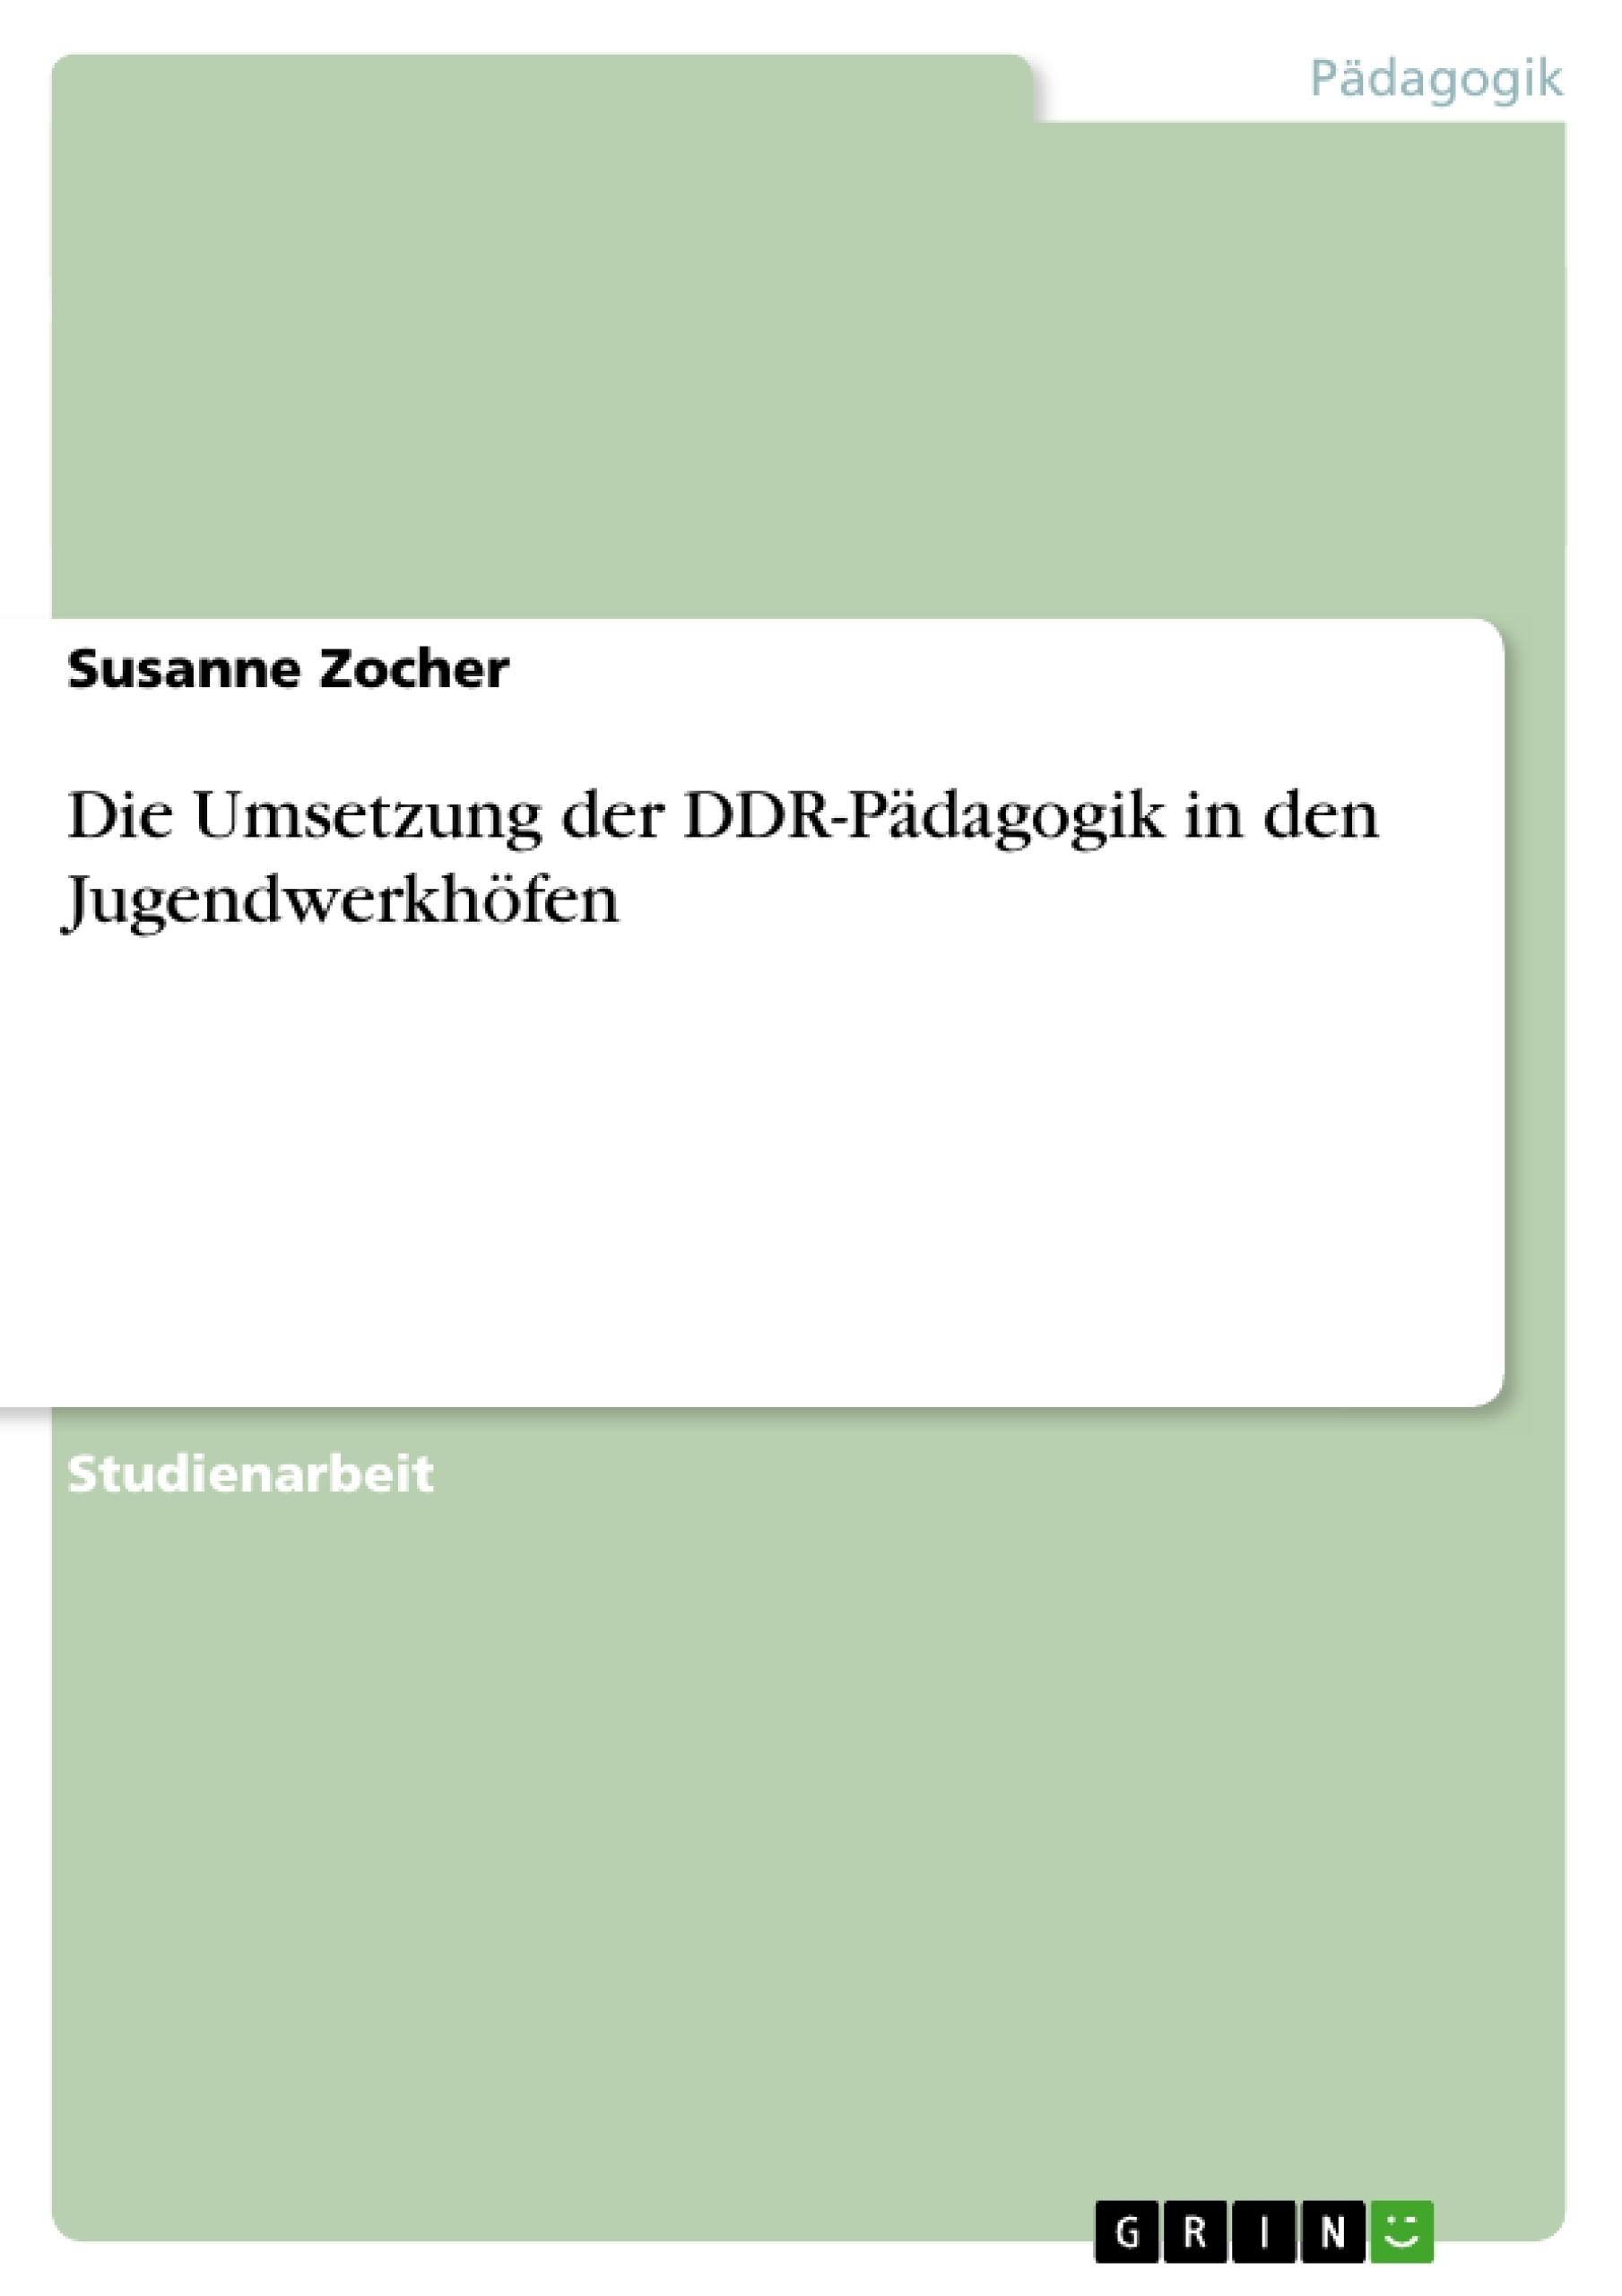 Titel: Die Umsetzung der DDR-Pädagogik in den Jugendwerkhöfen